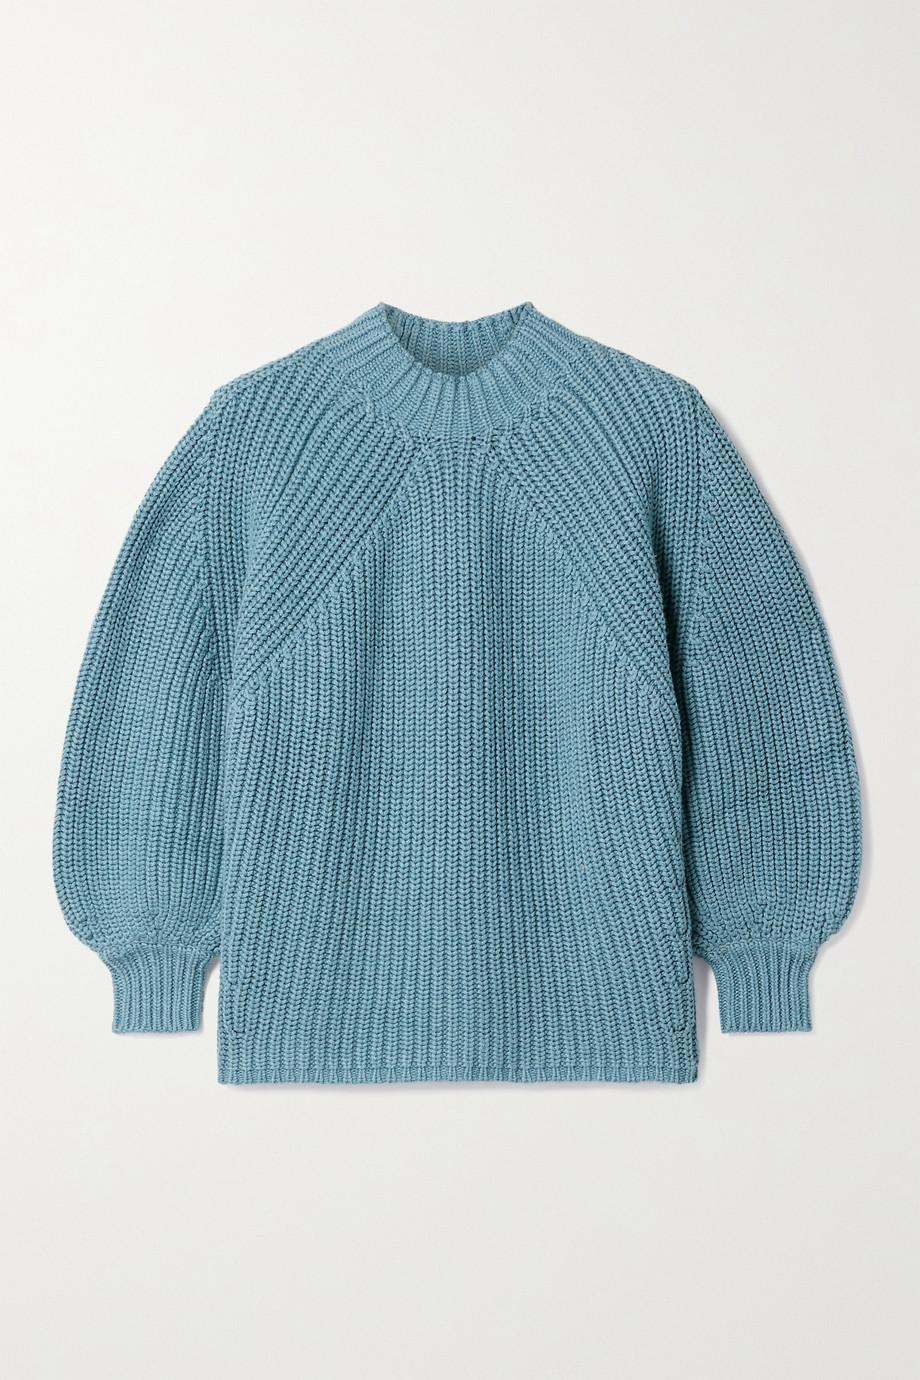 APIECE APART Nueva Merel Pullover aus einer gerippten Baumwoll-Kaschmirmischung